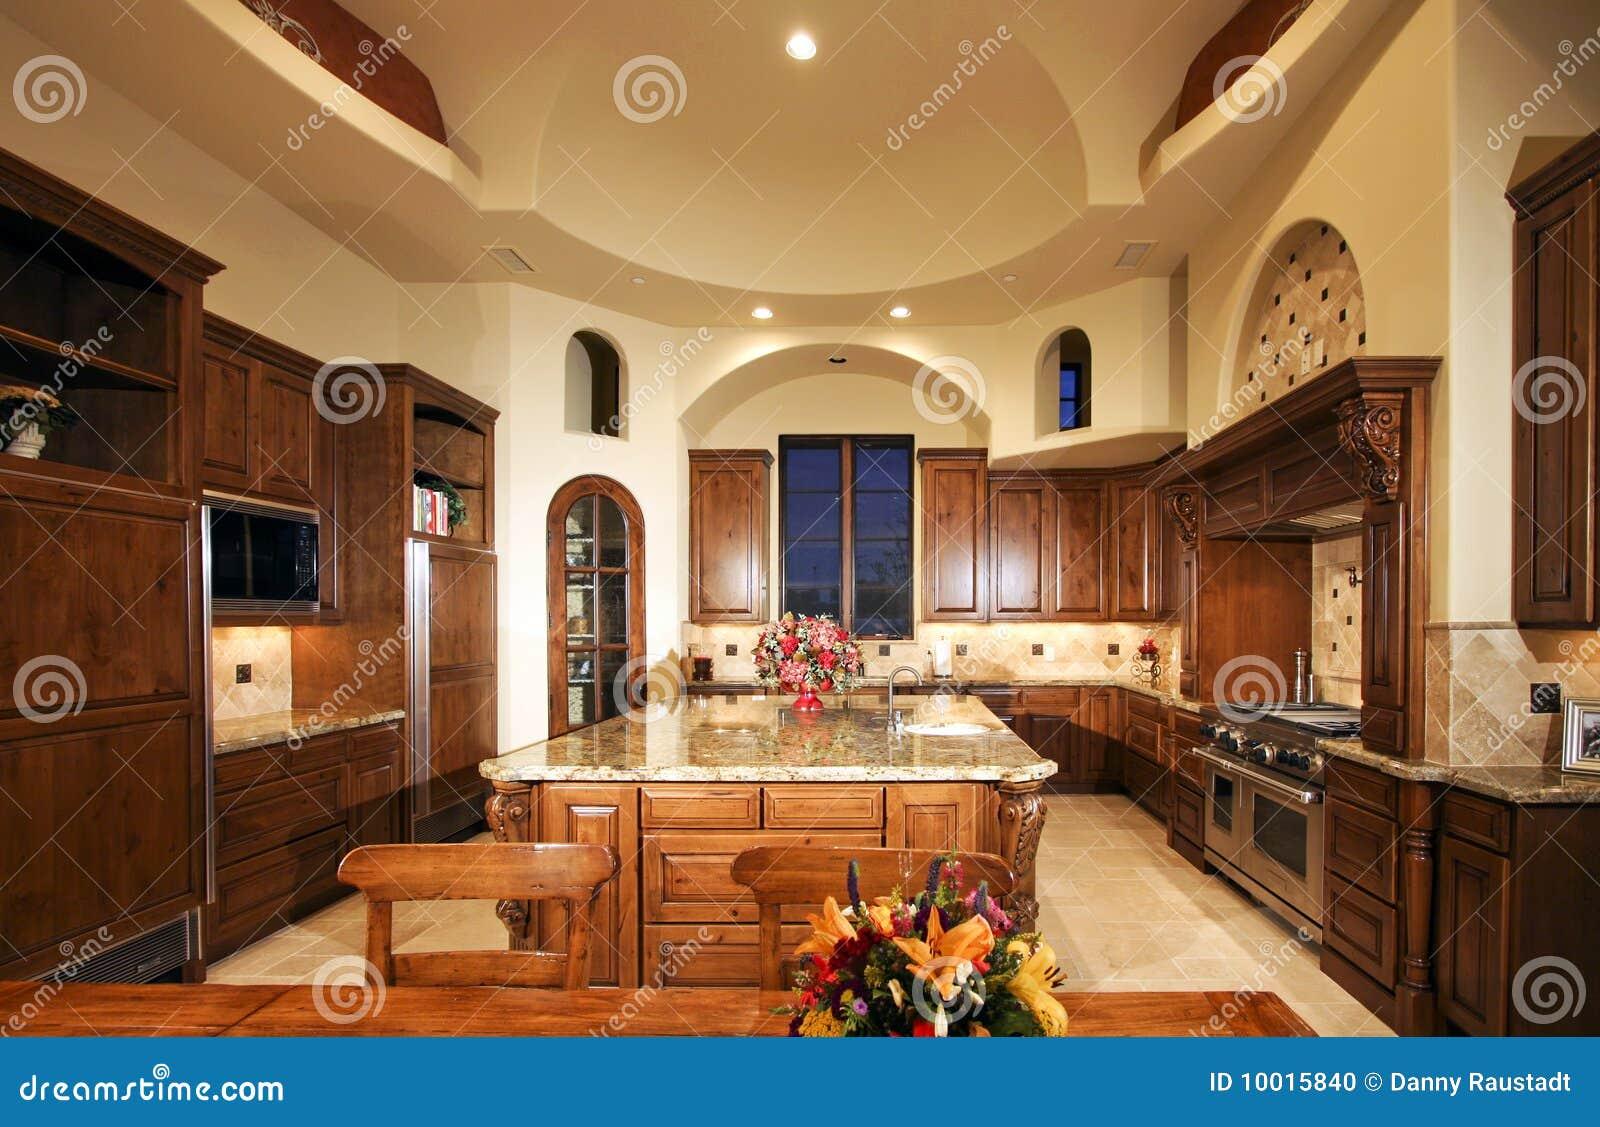 Cozinha Nova Enorme Da HOME Da Mansão Foto de Stock Imagem  #B44A17 1300 933